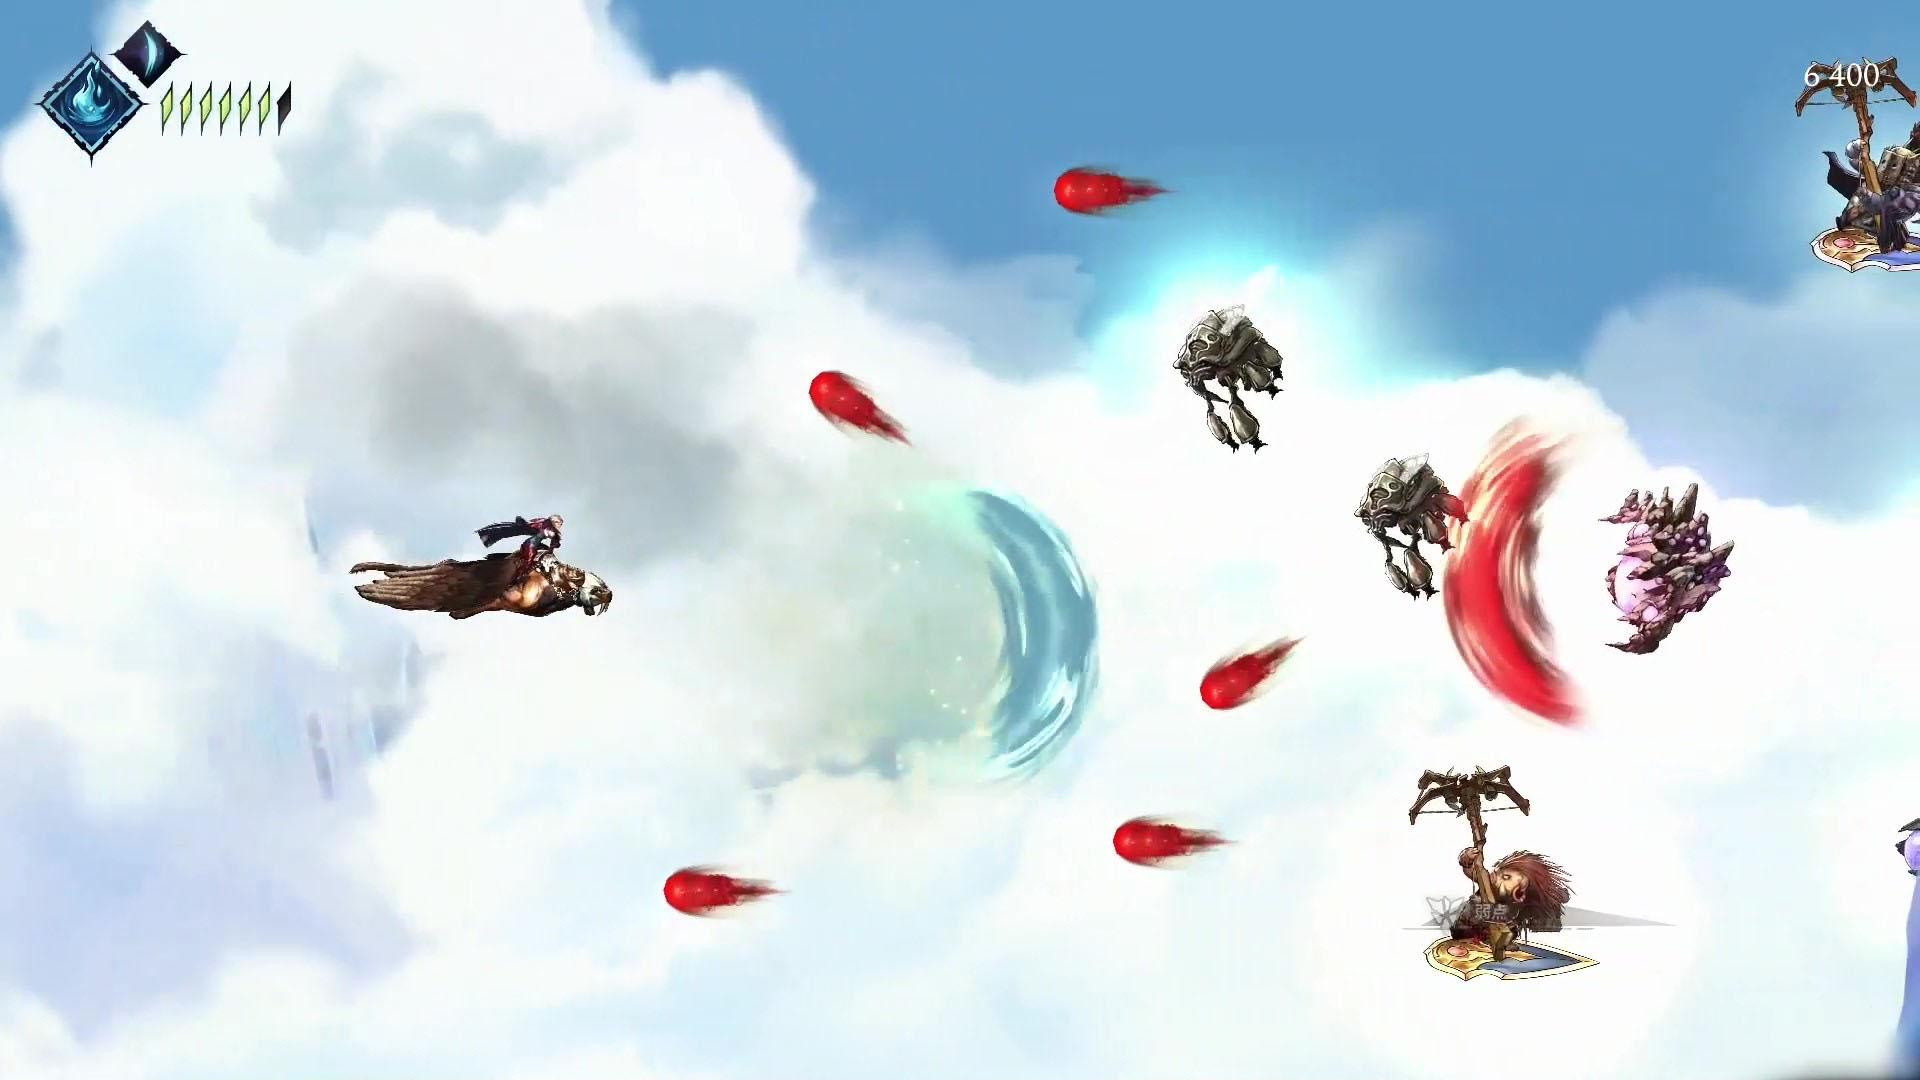 https://www.4gamer.net/games/561/G056199/20210908108/SS/002.jpg